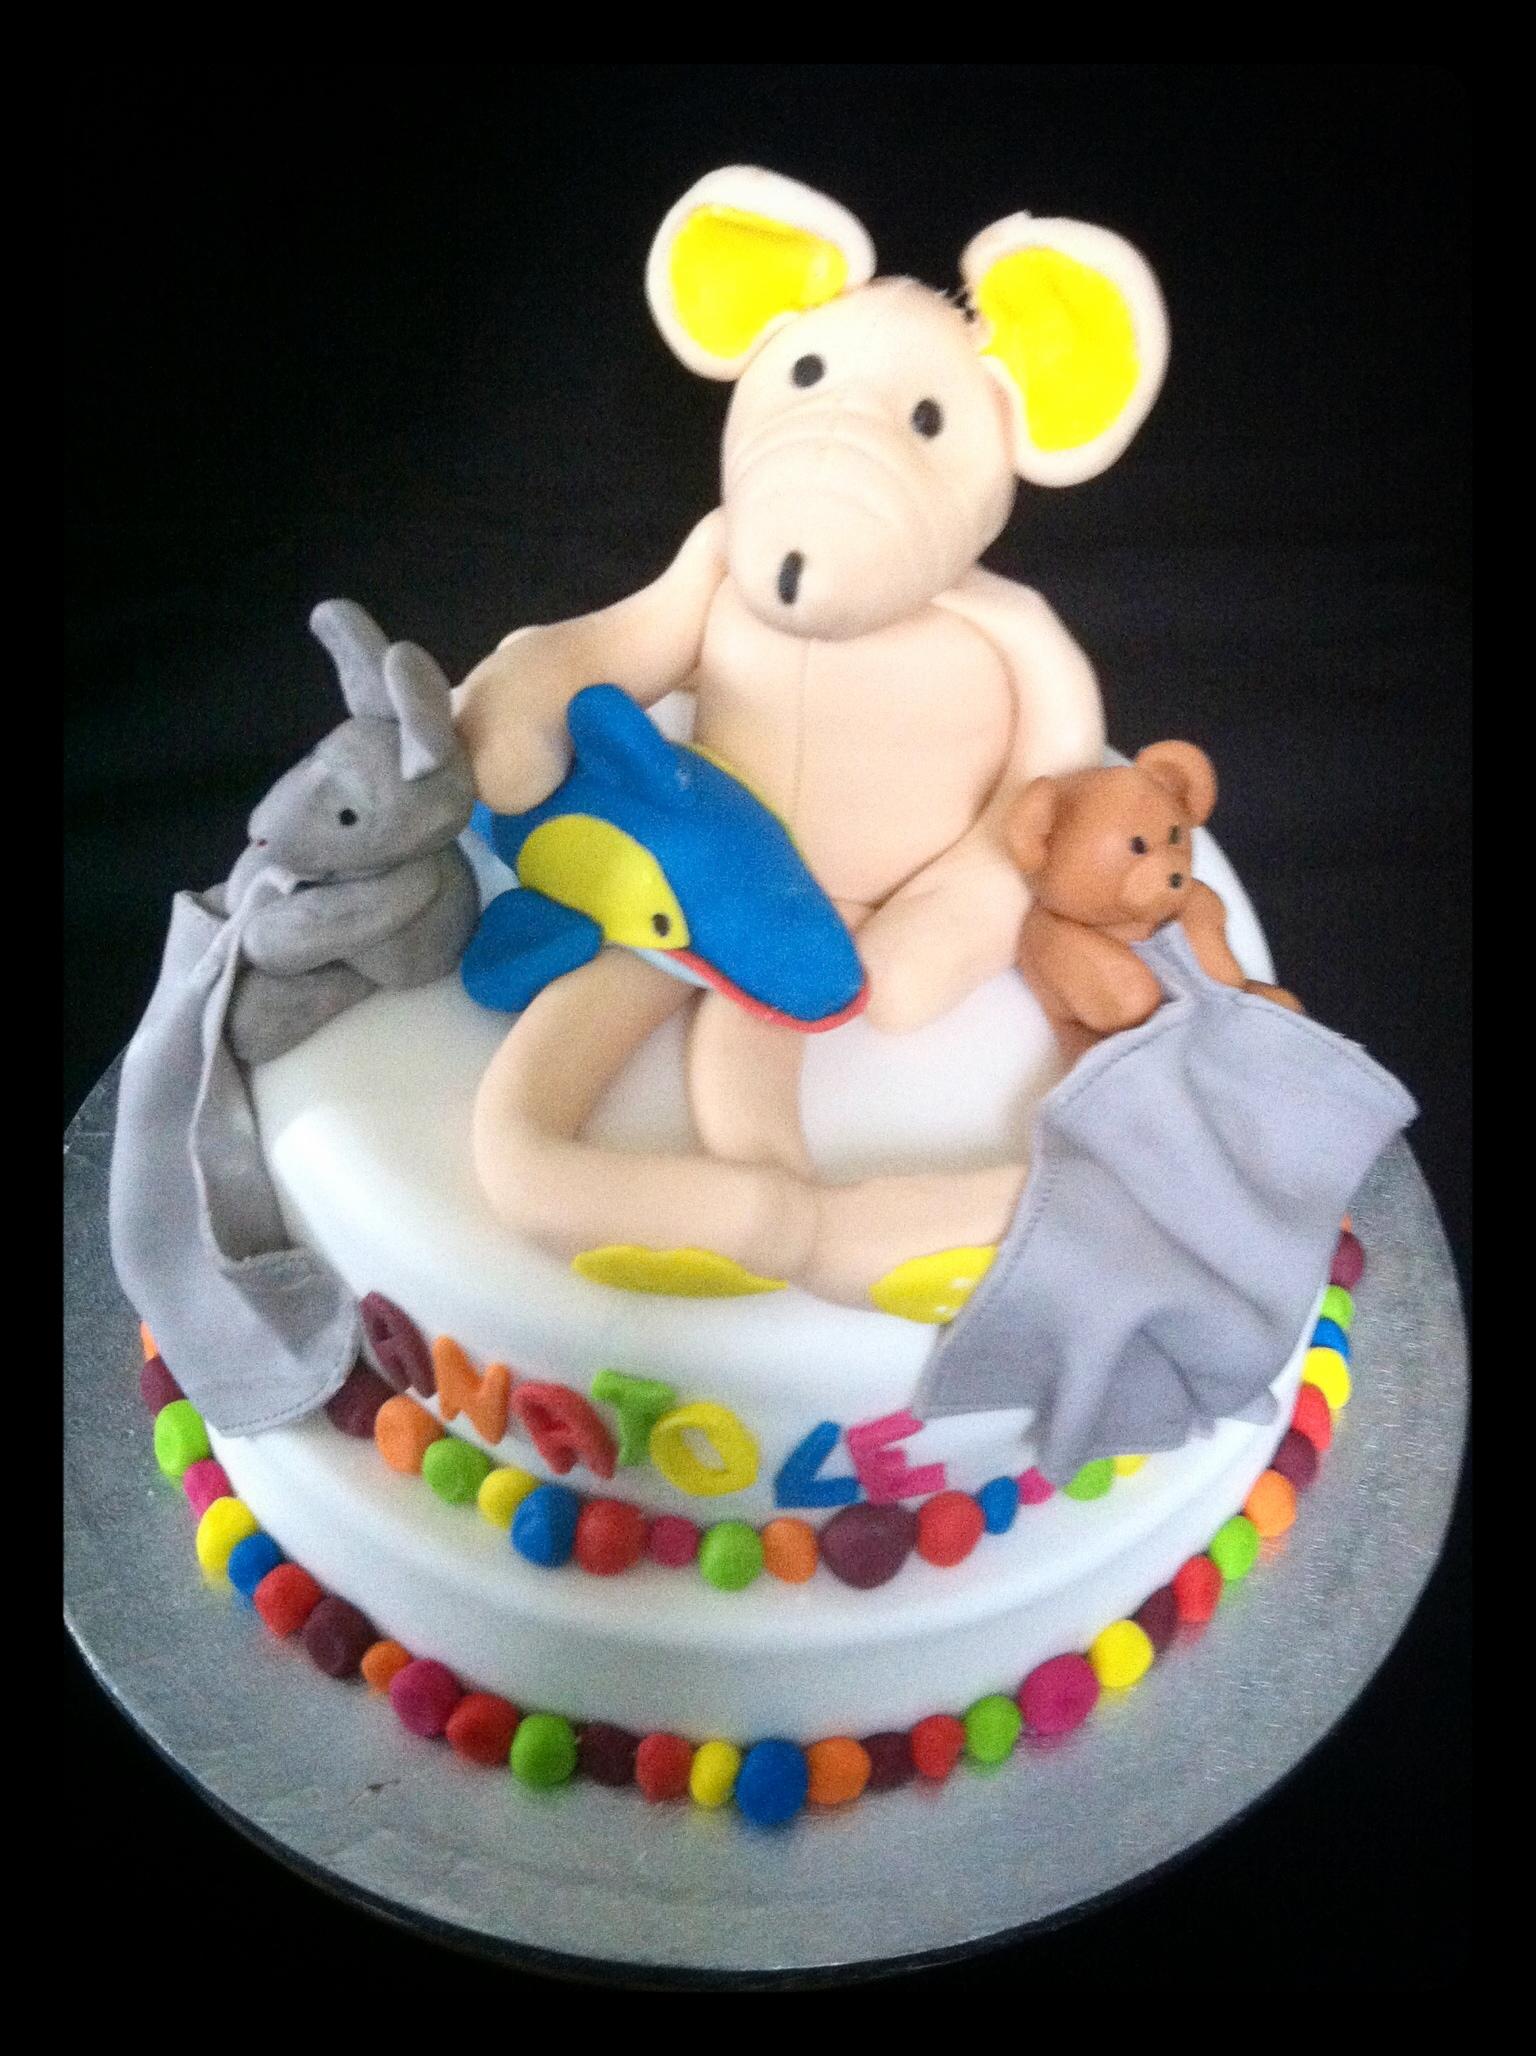 doudou baptême anniversaire